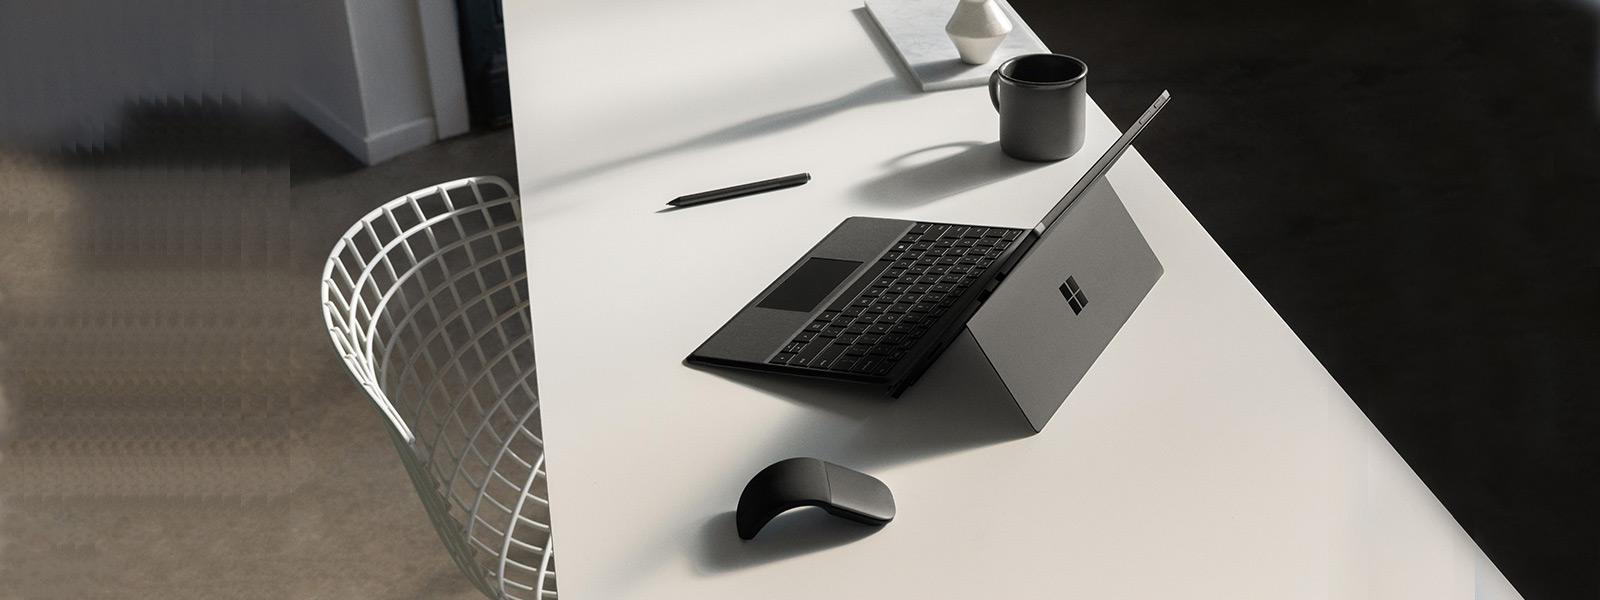 Surface 타이핑 커버, Surface 펜 및 Surface Arc 마우스와 함께 책상 위에 놓여 있는 노트북 모드의 Surface Pro 6